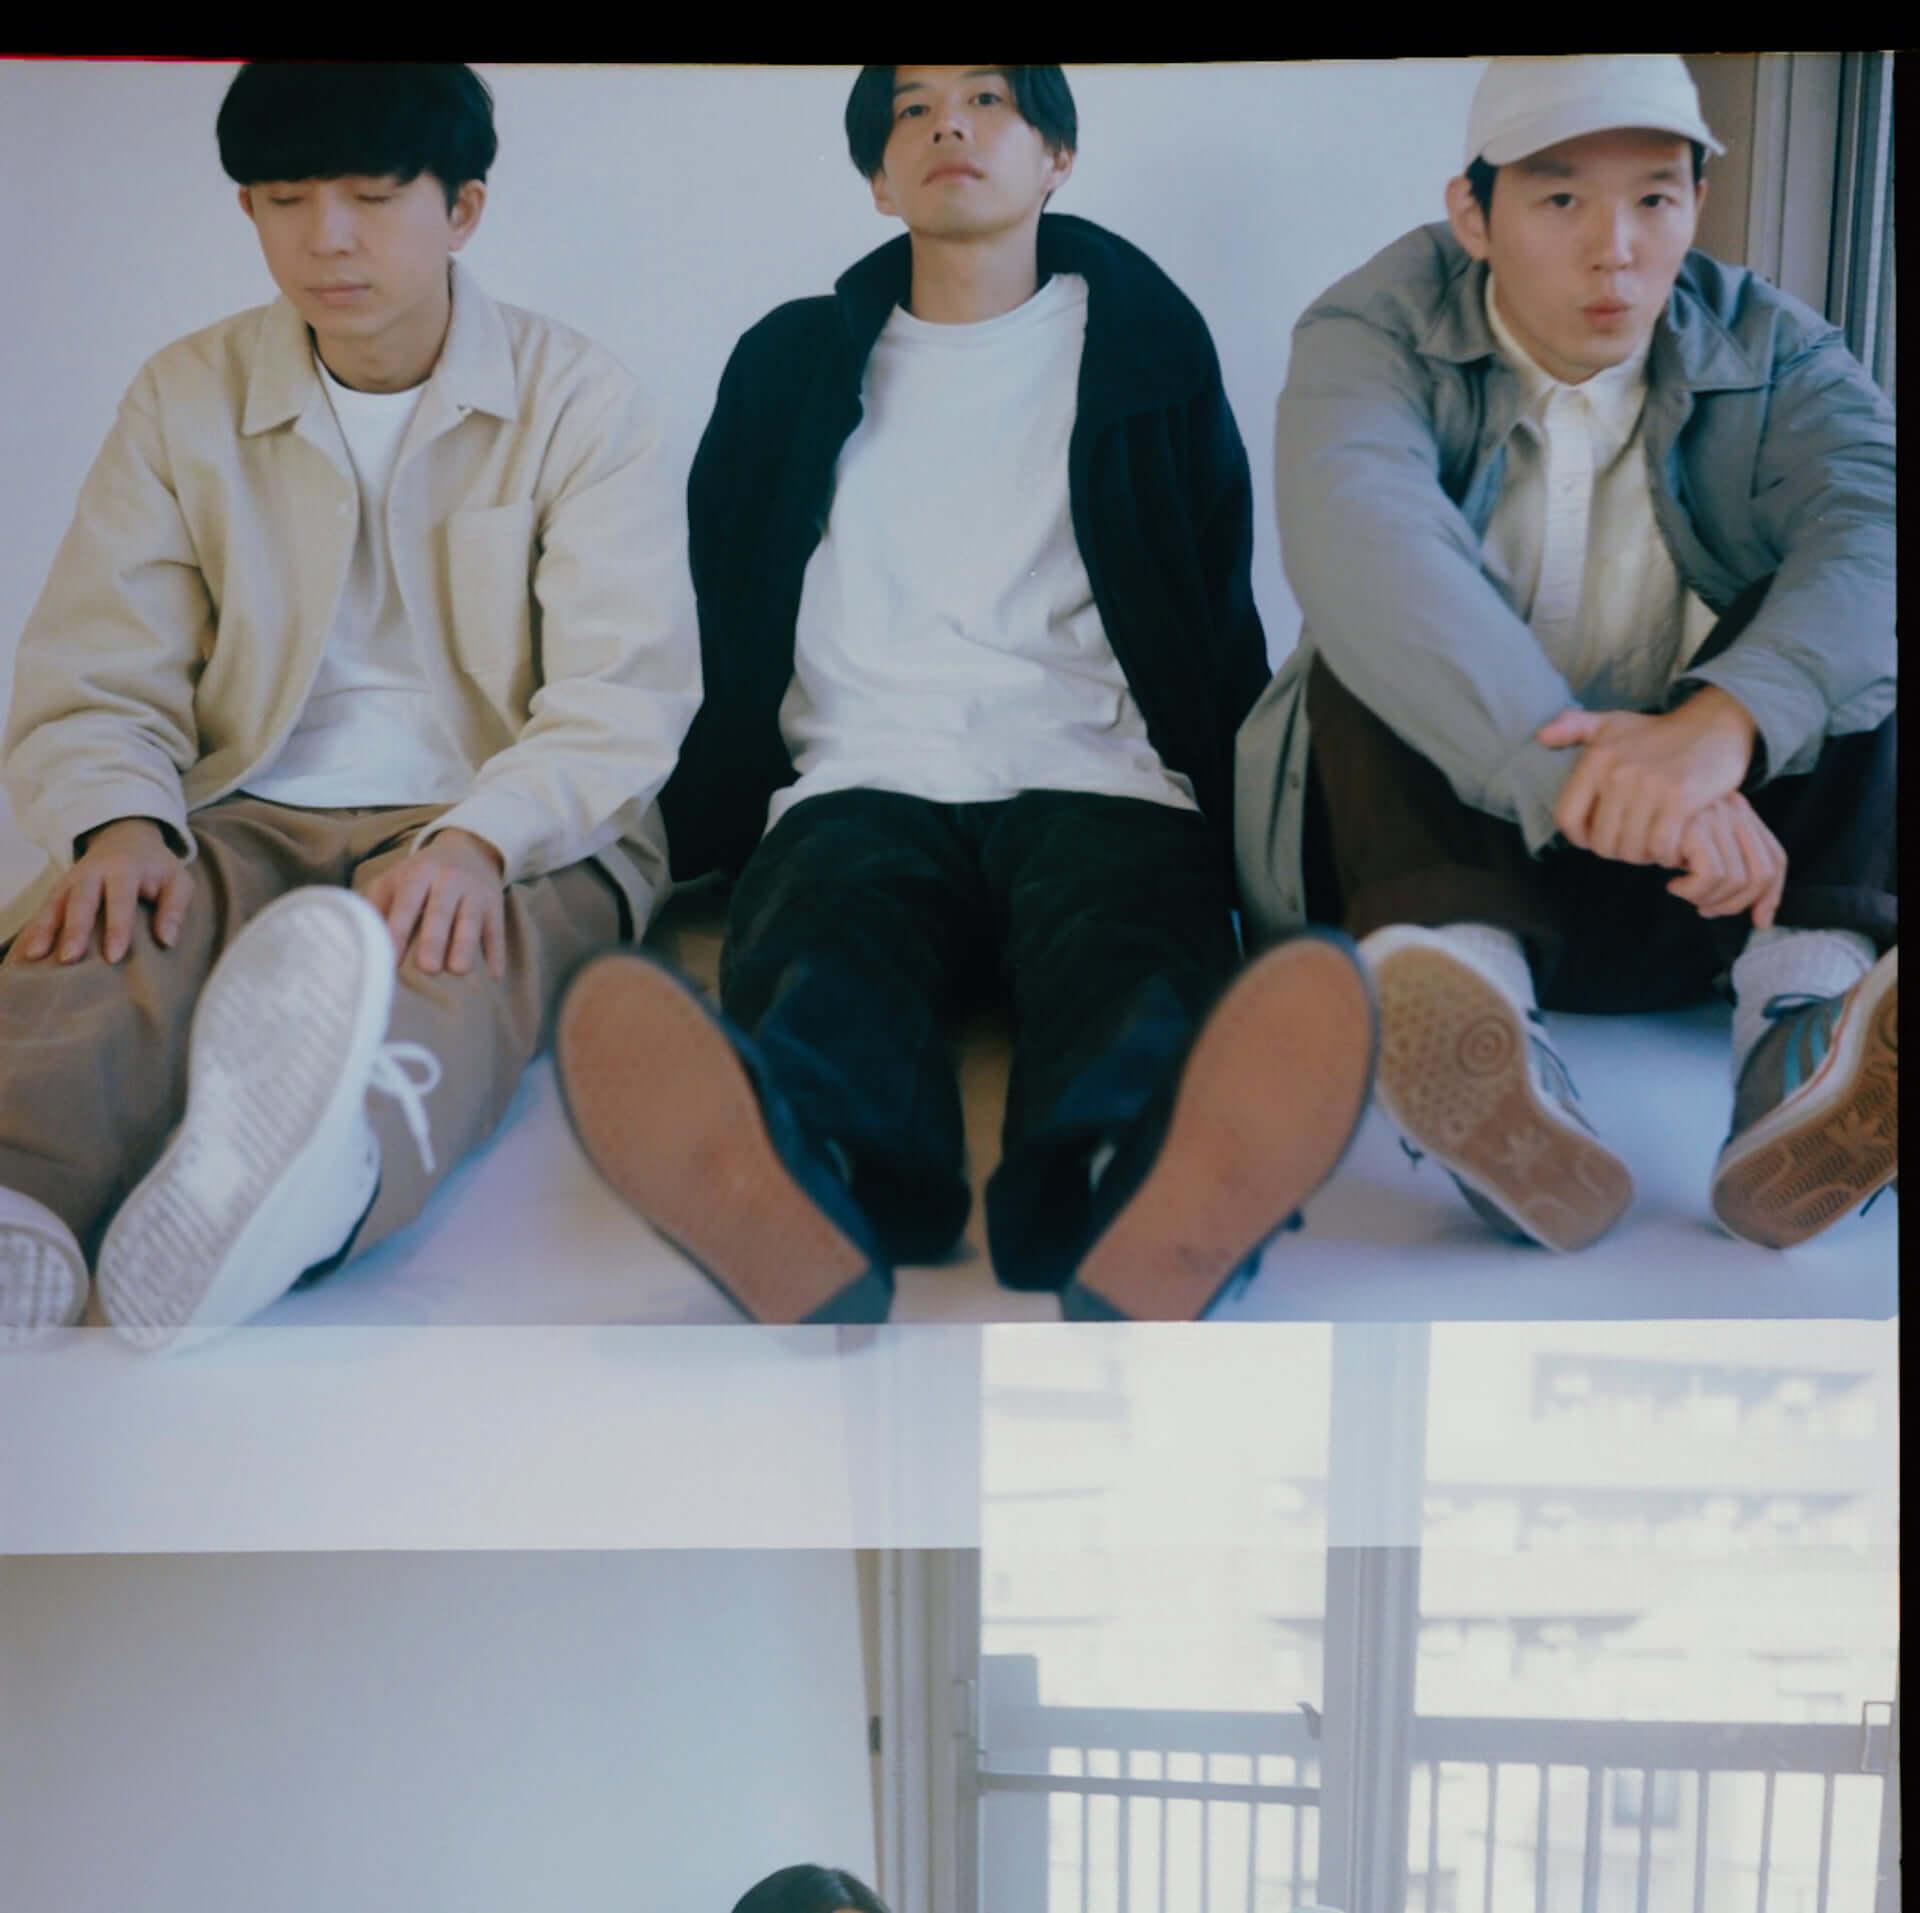 ceroと折坂悠太(重奏)による初のツーマンライブが渋谷WWW10周年企画で実現!LIVEWIREでも生配信 music210315_www10th_1-1920x1913